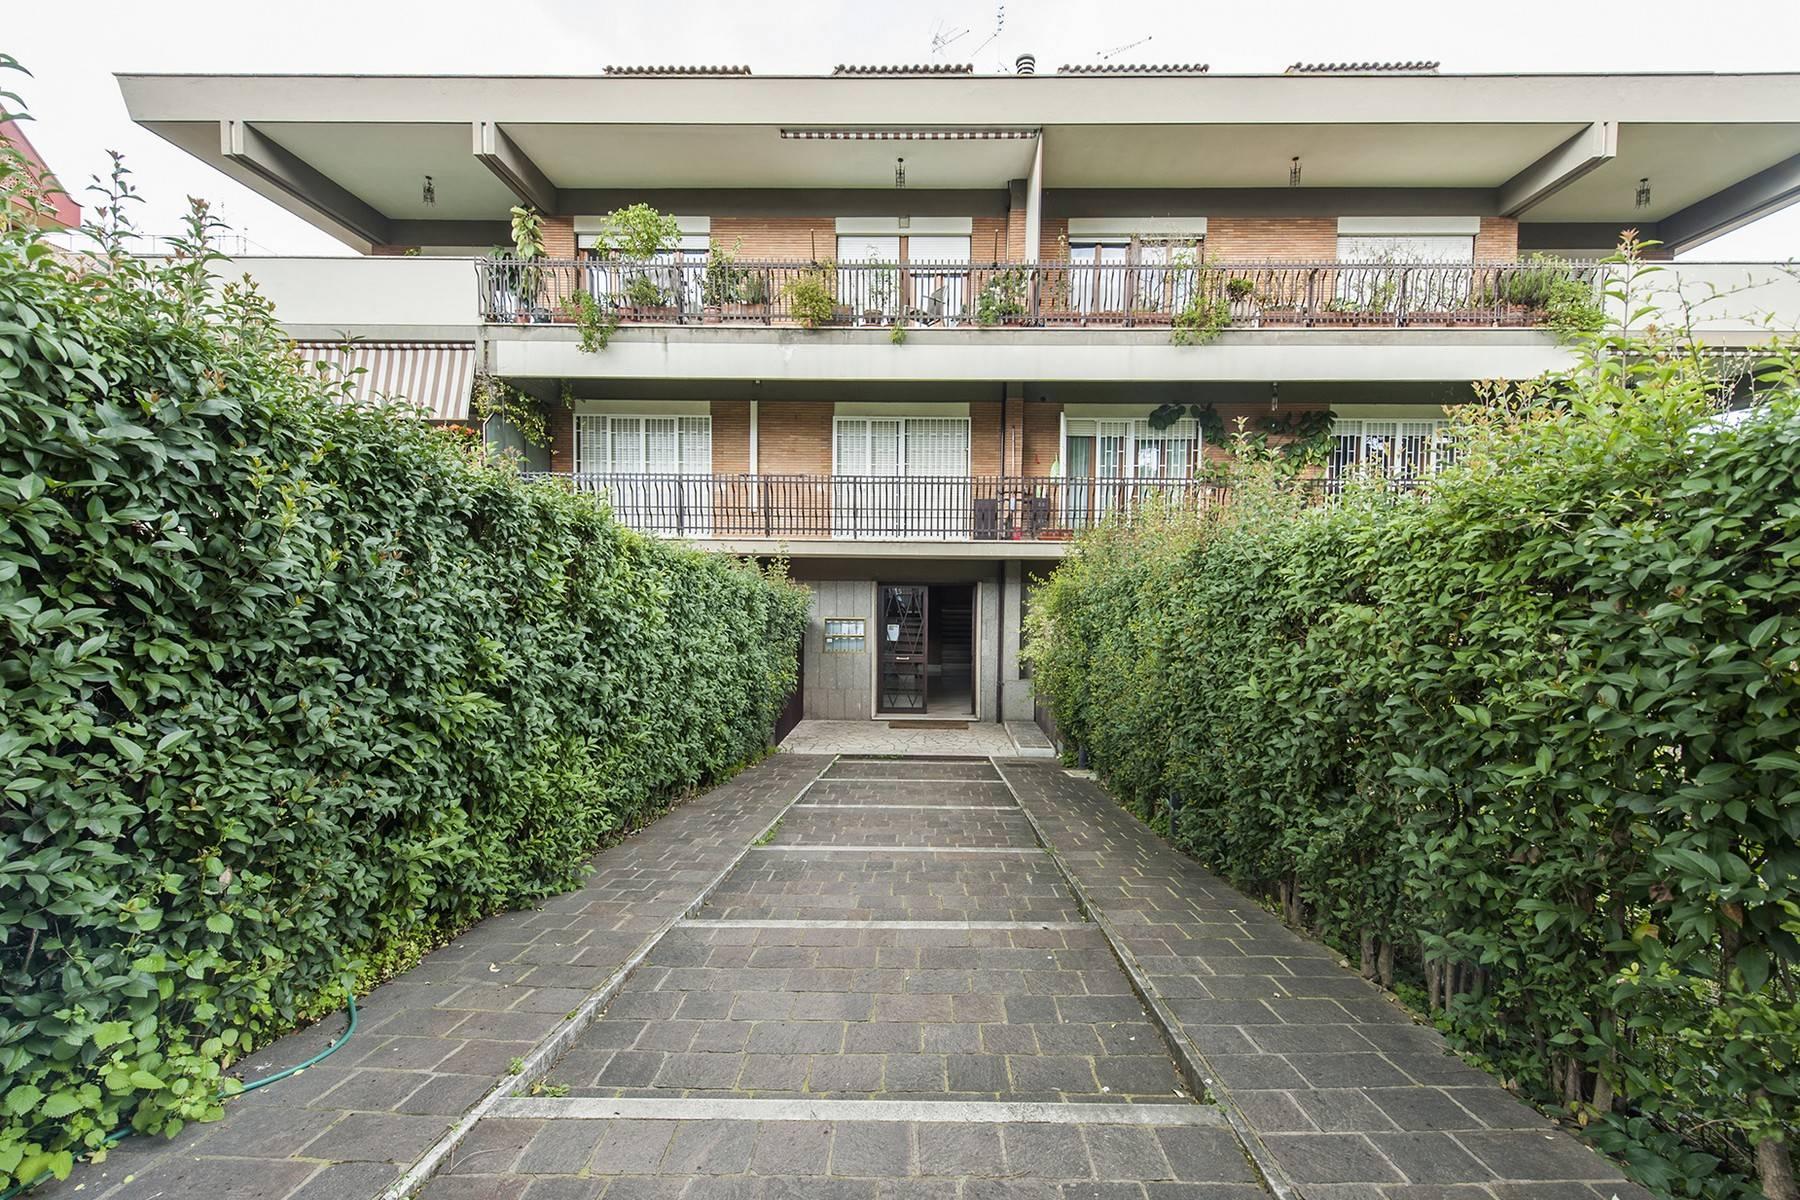 Appartamento con giardino nei pressi dell'Appia Antica - 5